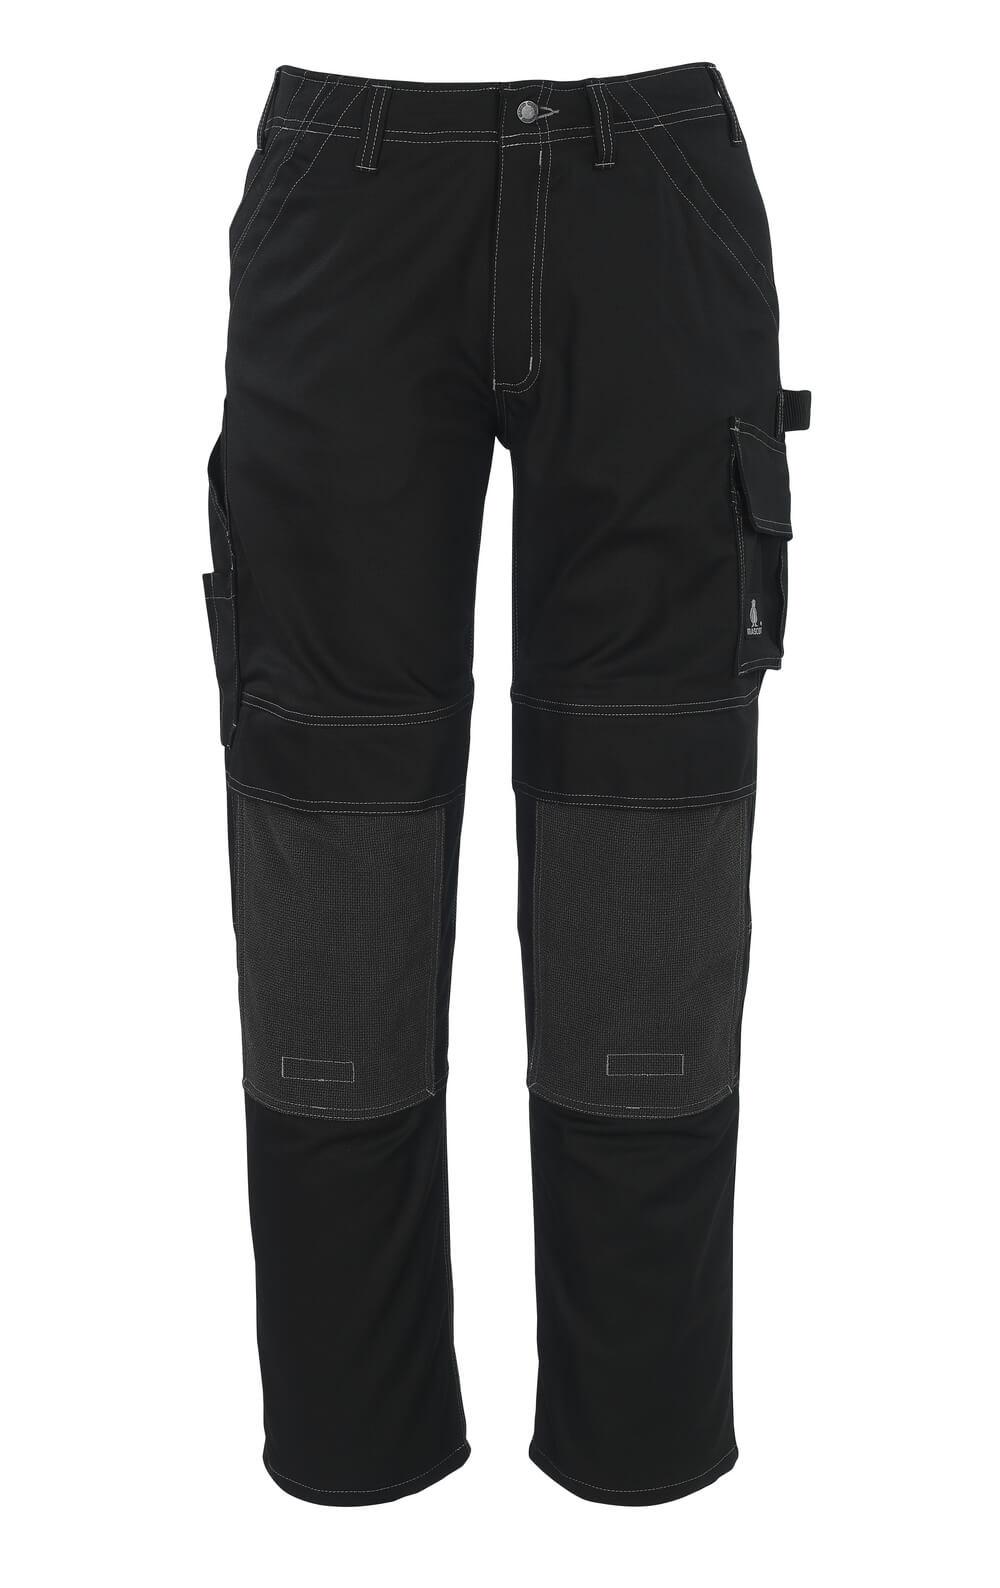 05079-010-09 Pantaloni con tasche porta-ginocchiere - nero